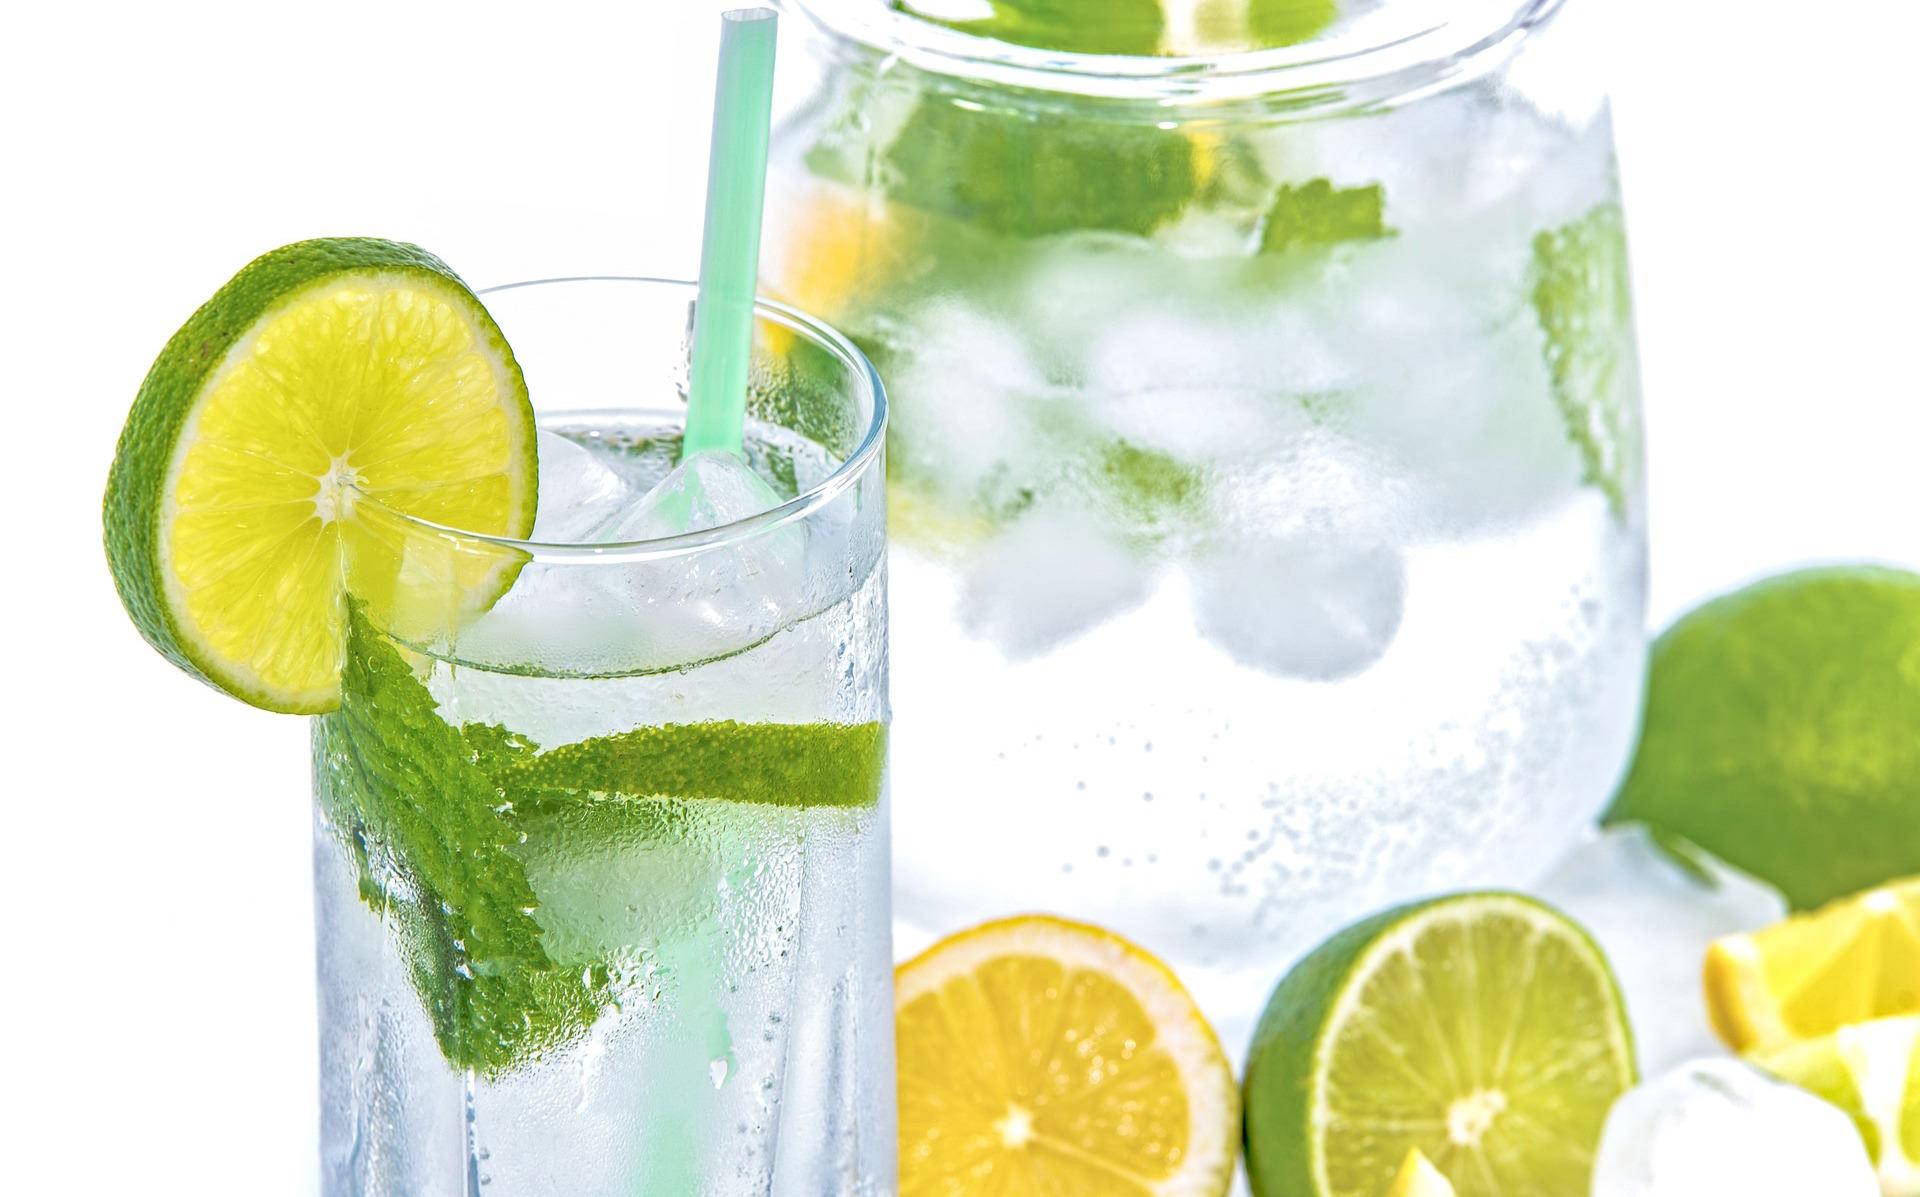 「檸檬除了泡檸檬水還有其他的喝法嗎?」這 6 種健康美容的檸檬泡法一定要學起來!